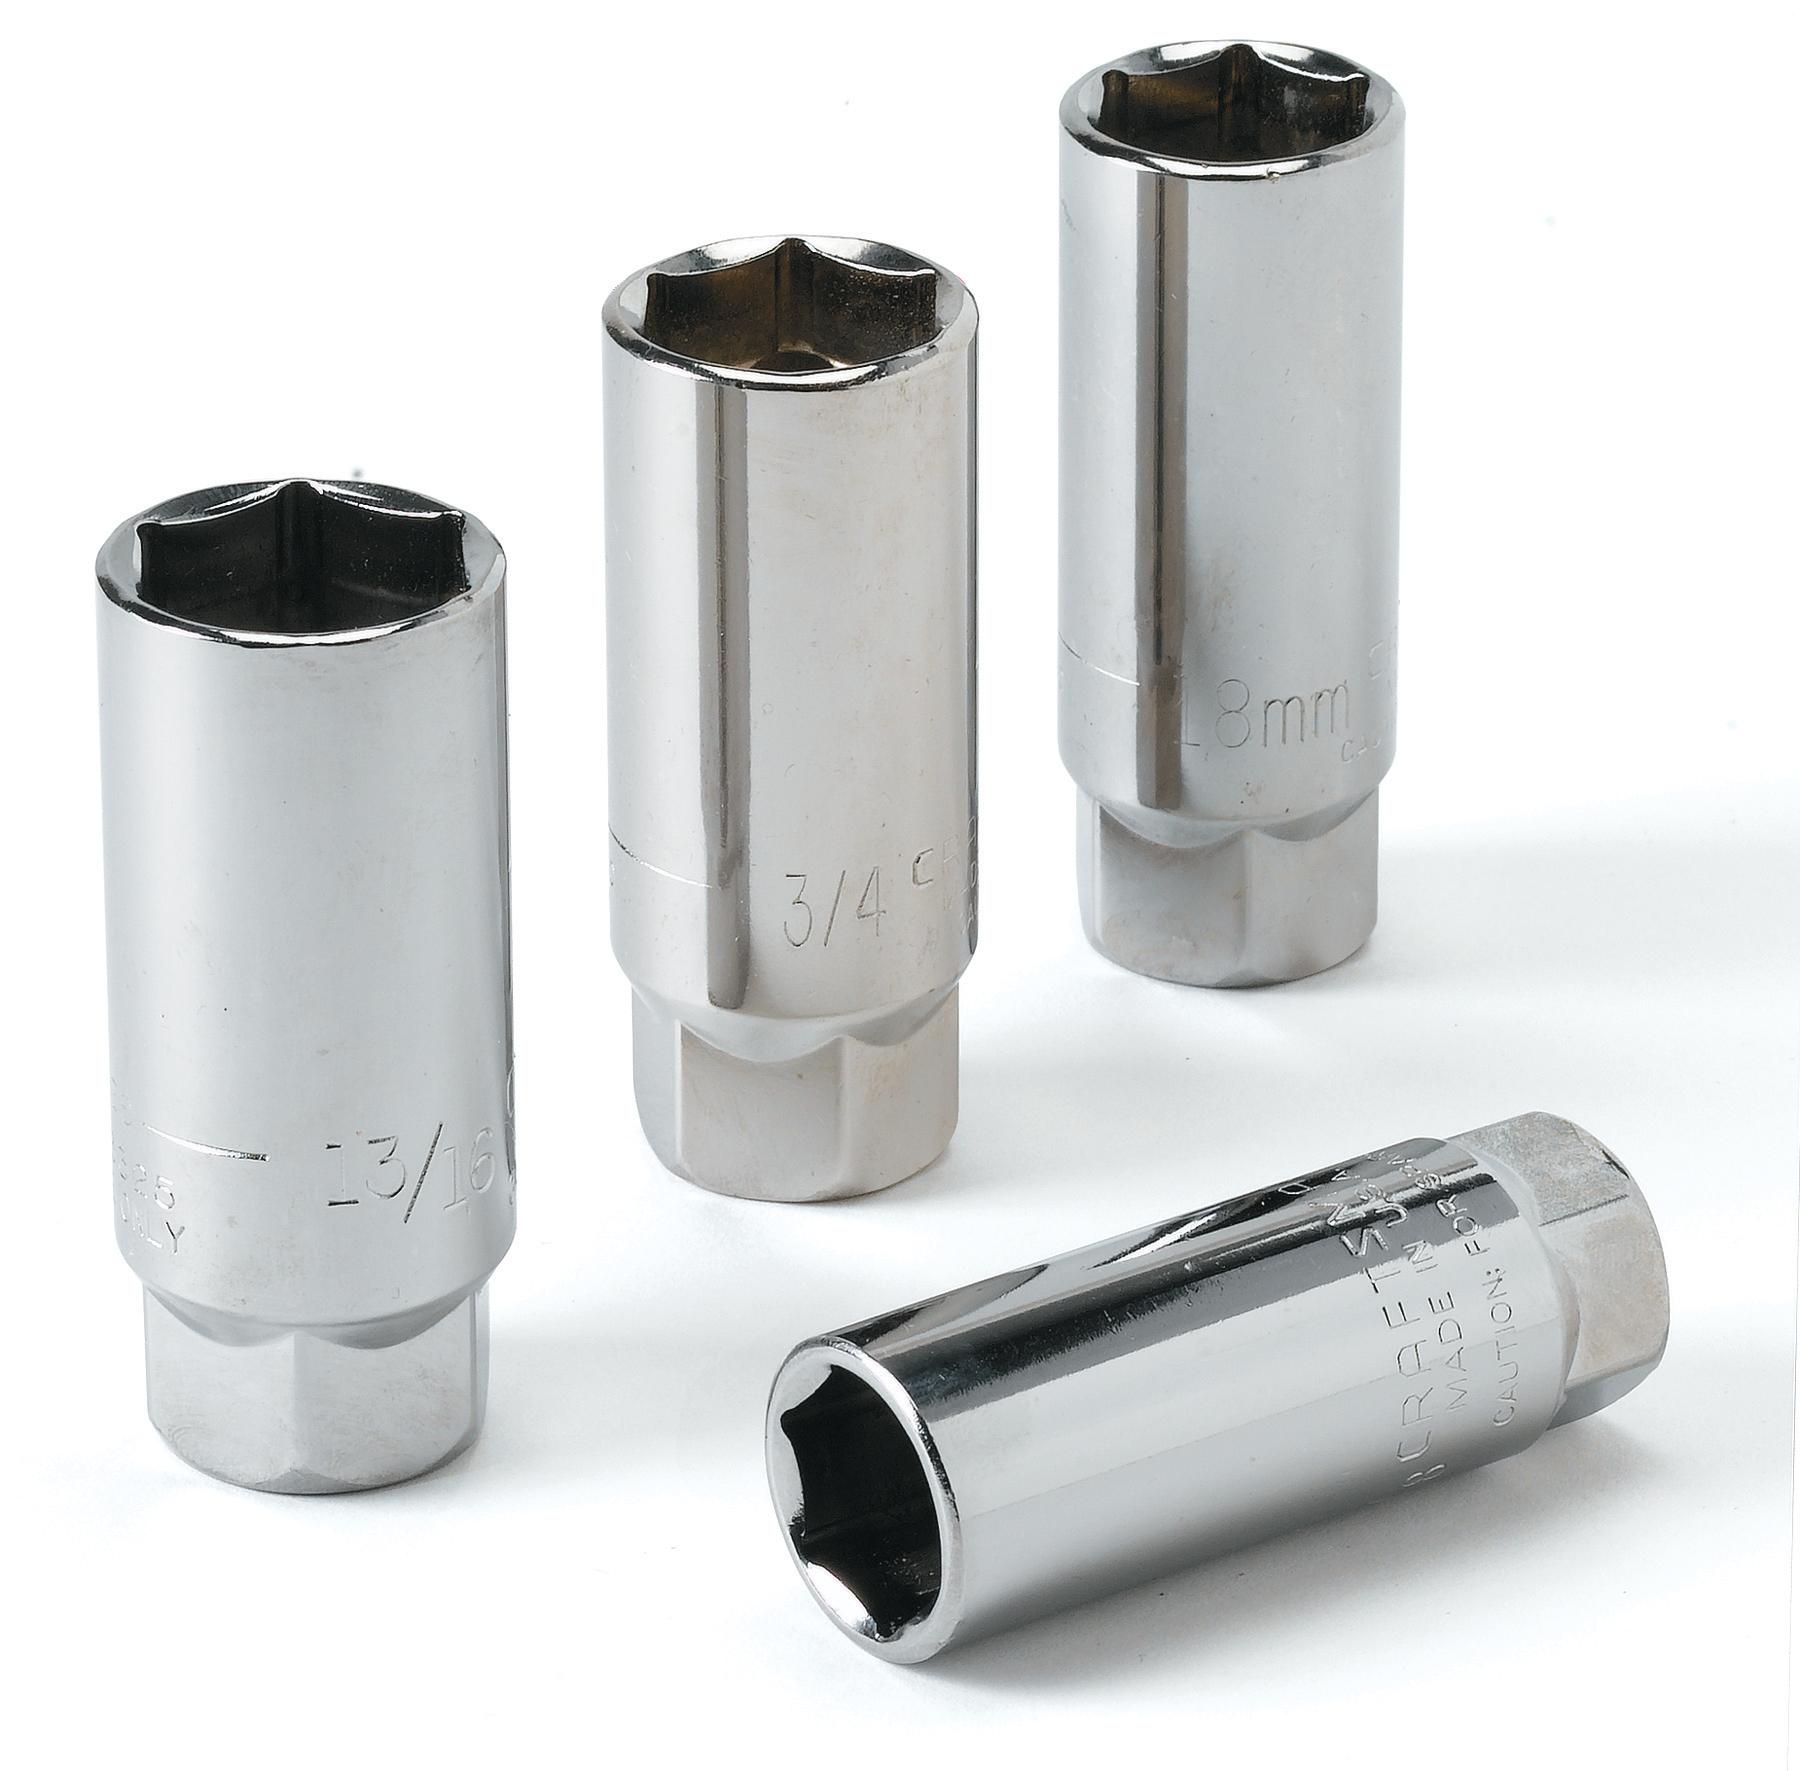 Craftsman 4 pc. Spark Plug Socket Set, 3/8 in. drive